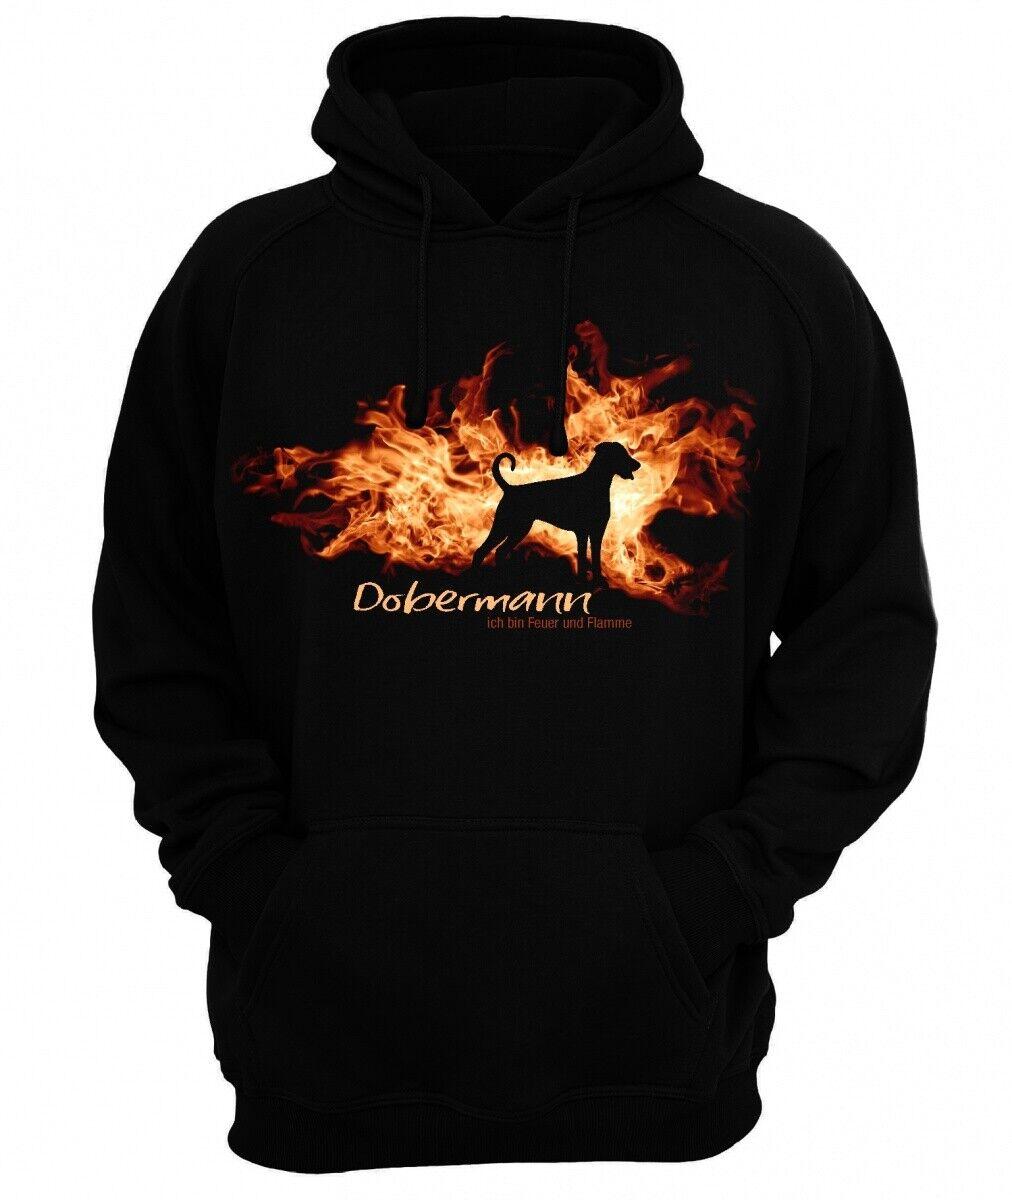 Sweatshirt DOBERMANN UNKUPIERT FEUER UND FLAMME by Siviwonder Hoodie